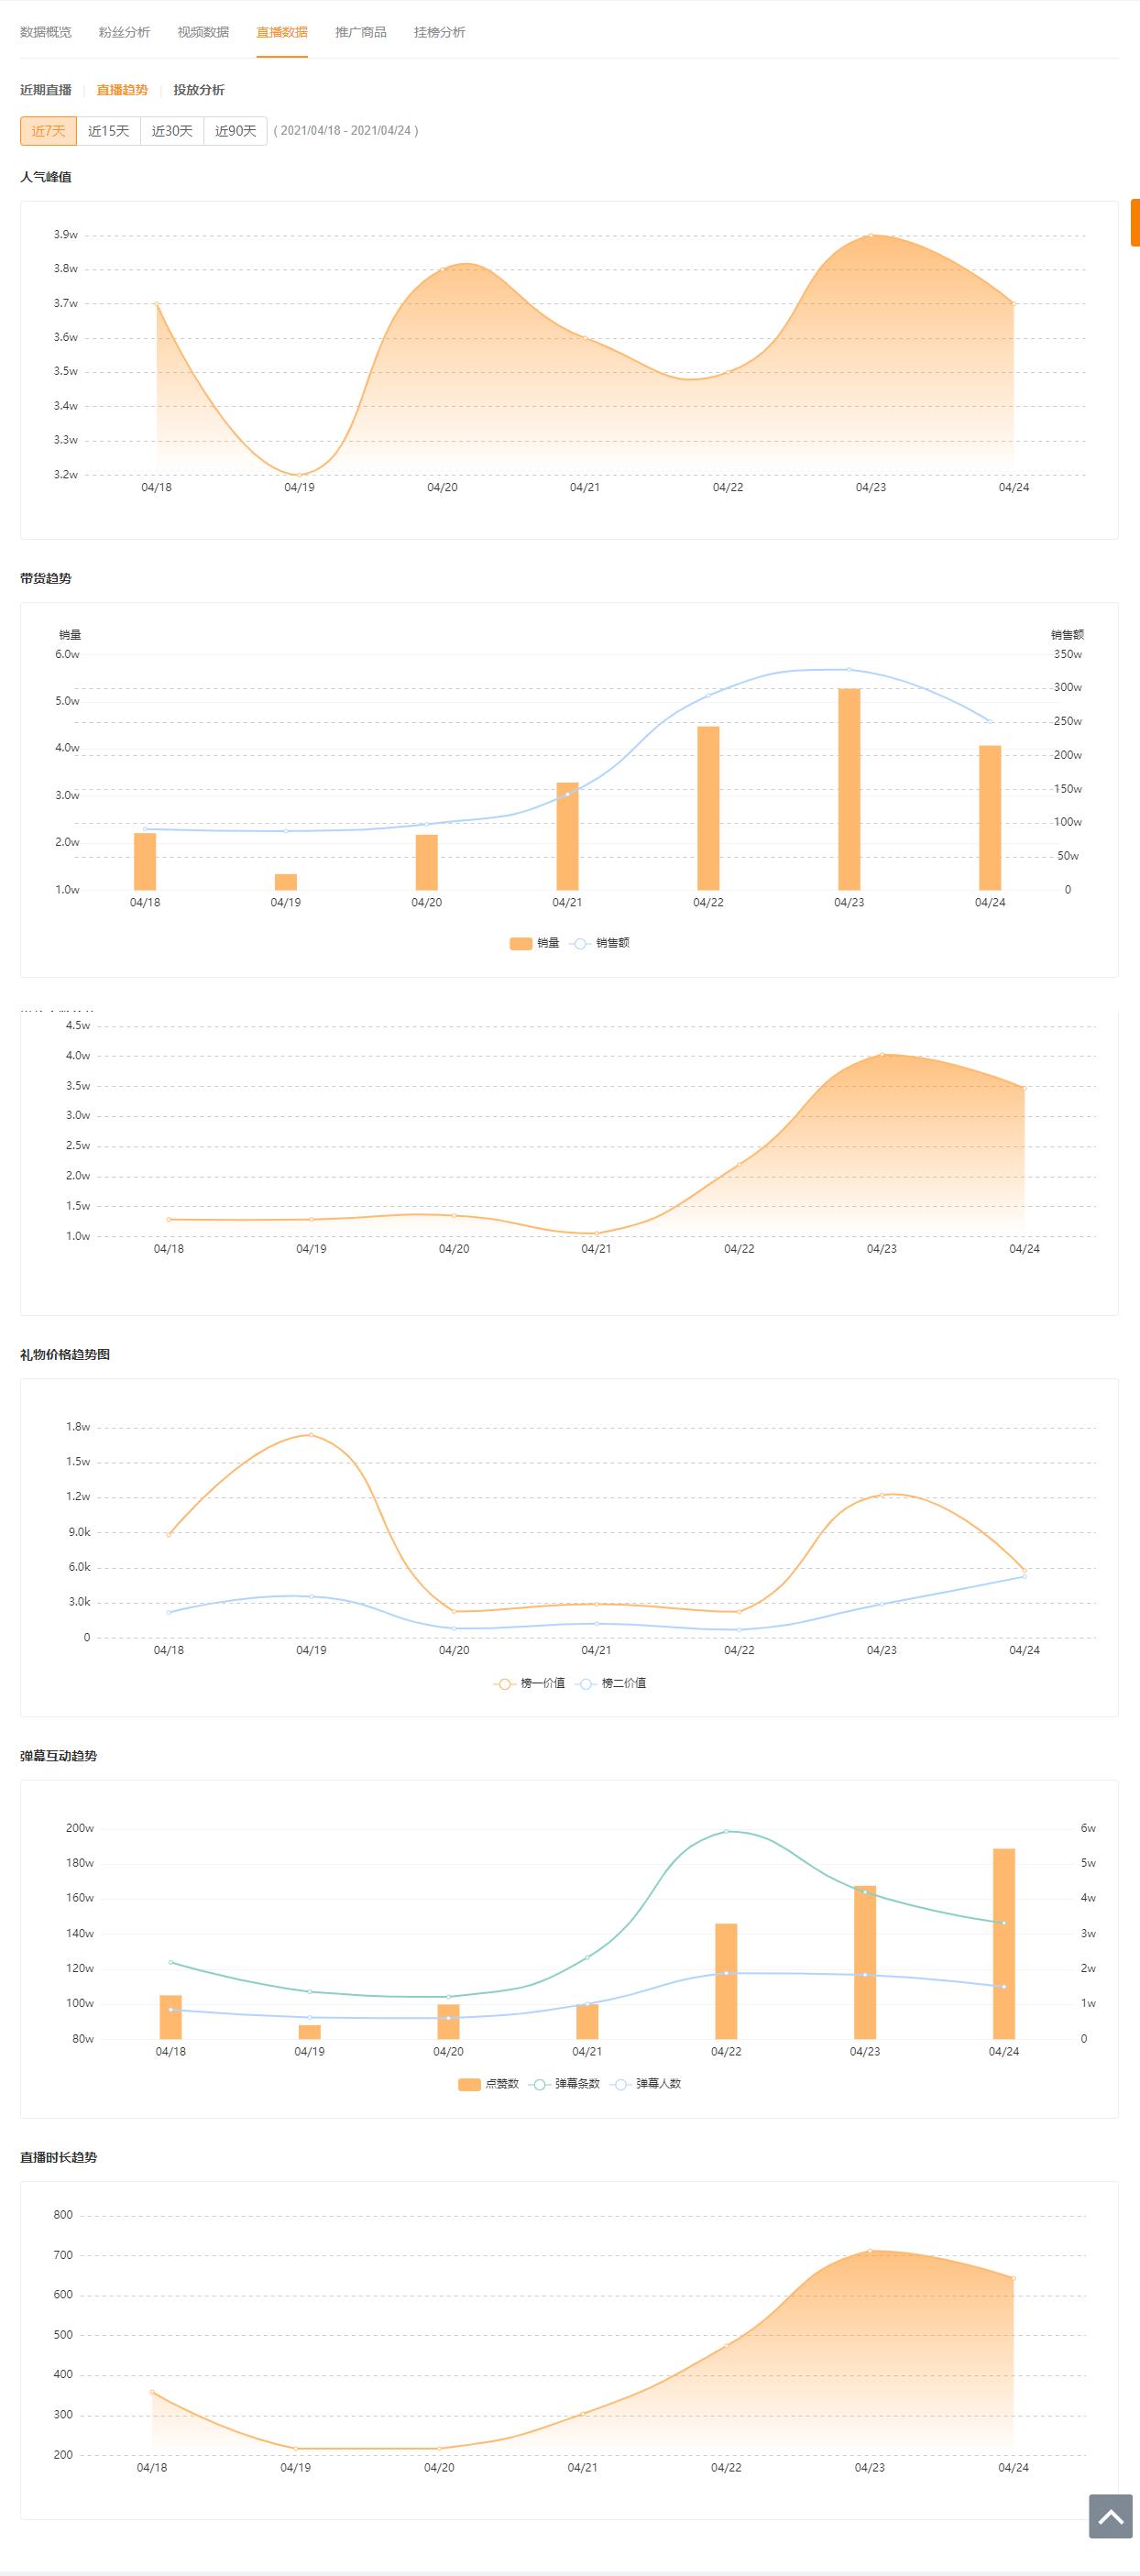 飞瓜快手-直播数据-直播趋势